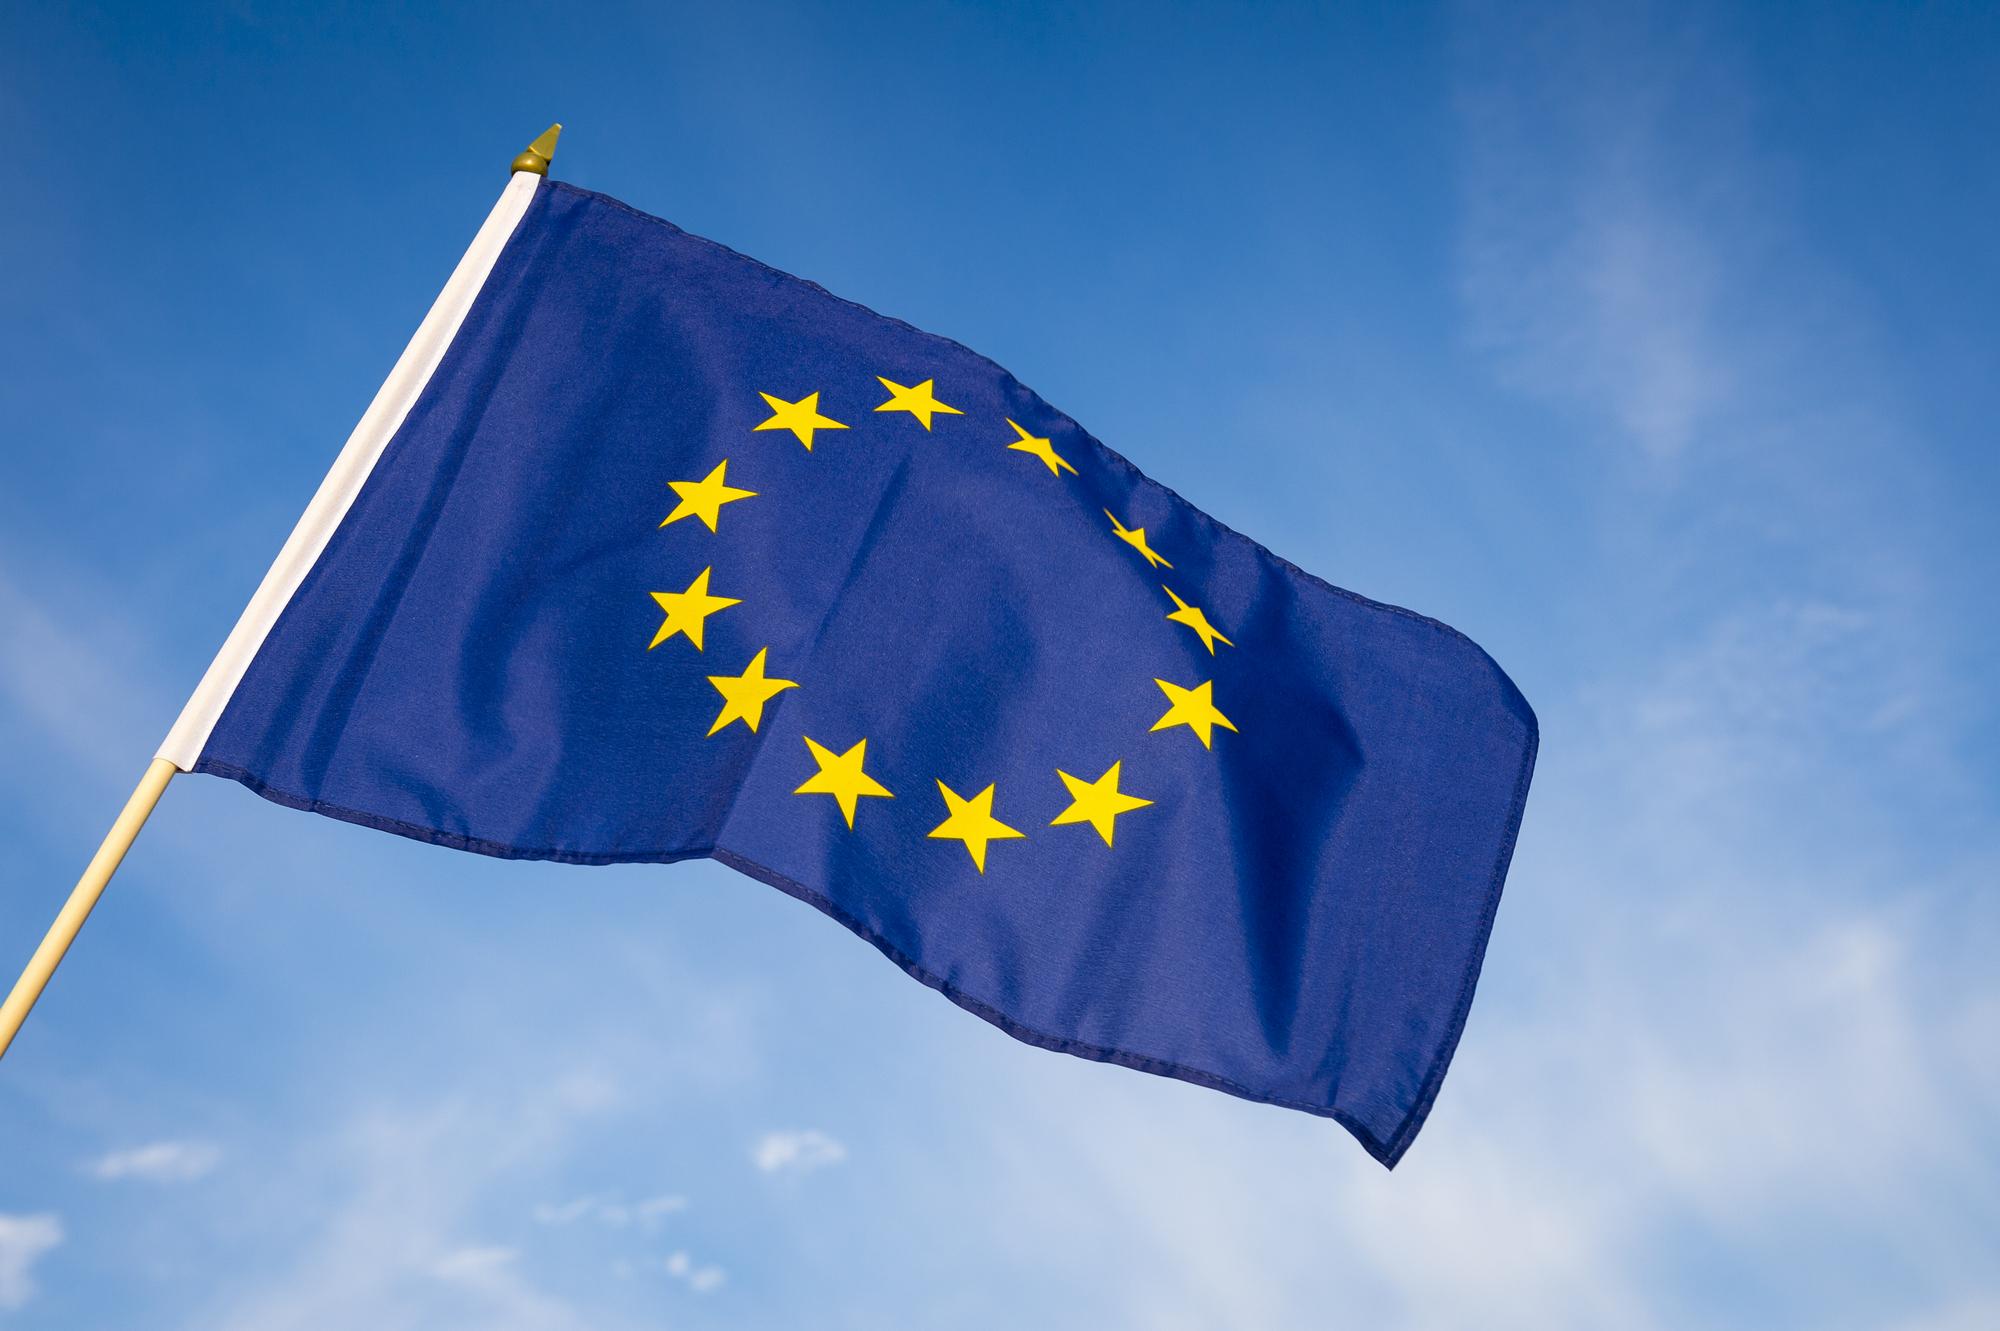 پیشنهاد ممنوعیت تراکنشهای ناشناس رمز ارز از سوی اتحادیهی اروپا مطرح شد!